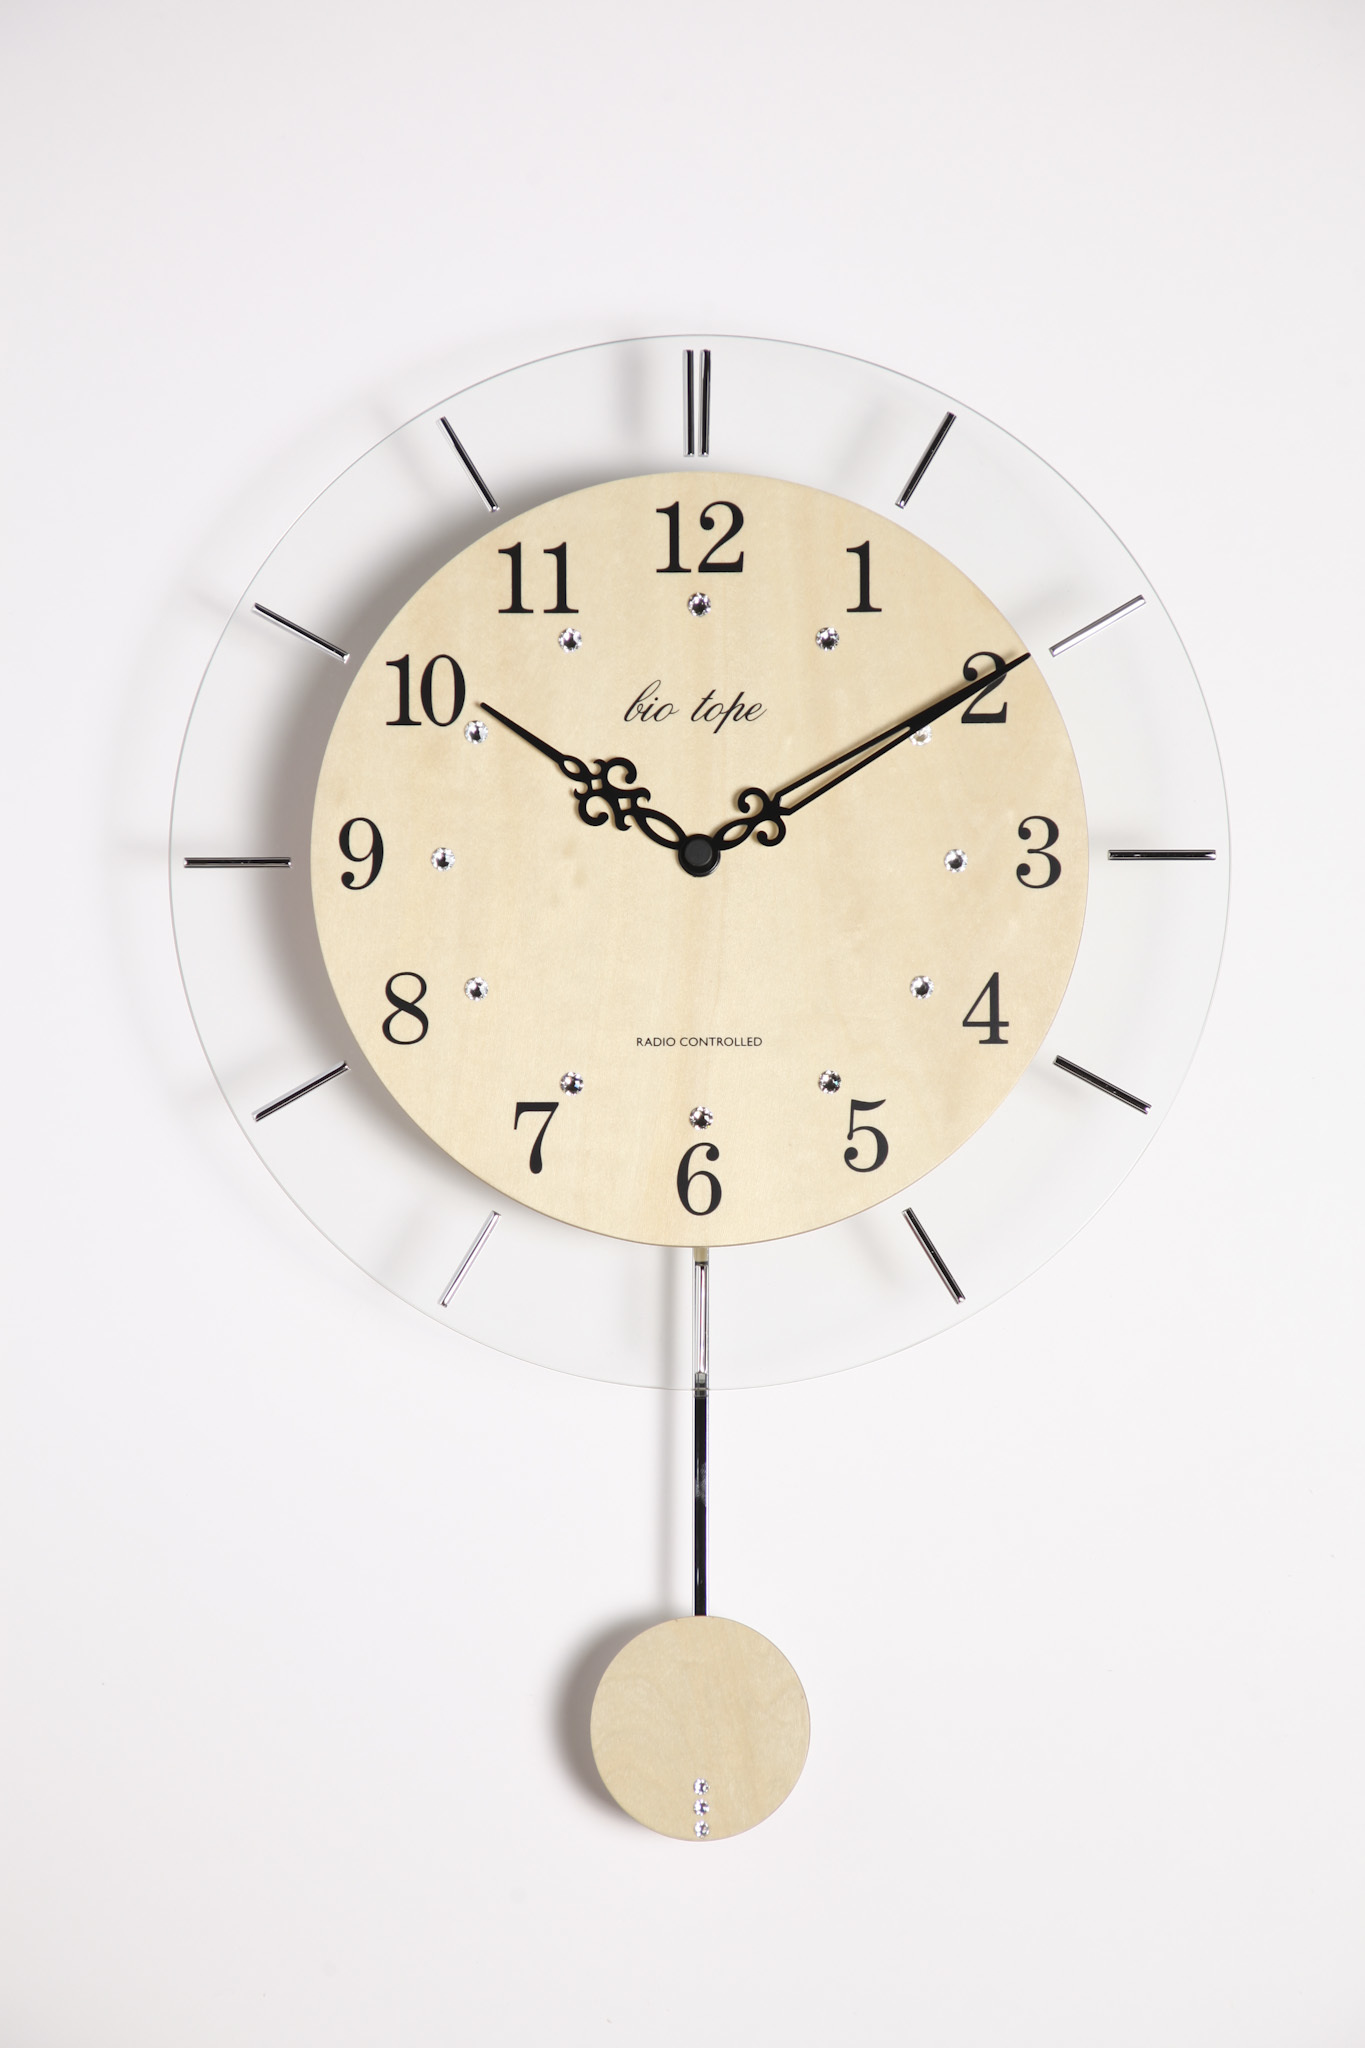 振り子時計 電波時計 電波スロー振り子時計 BIO-006 板尾工芸オリジナル - 画像2